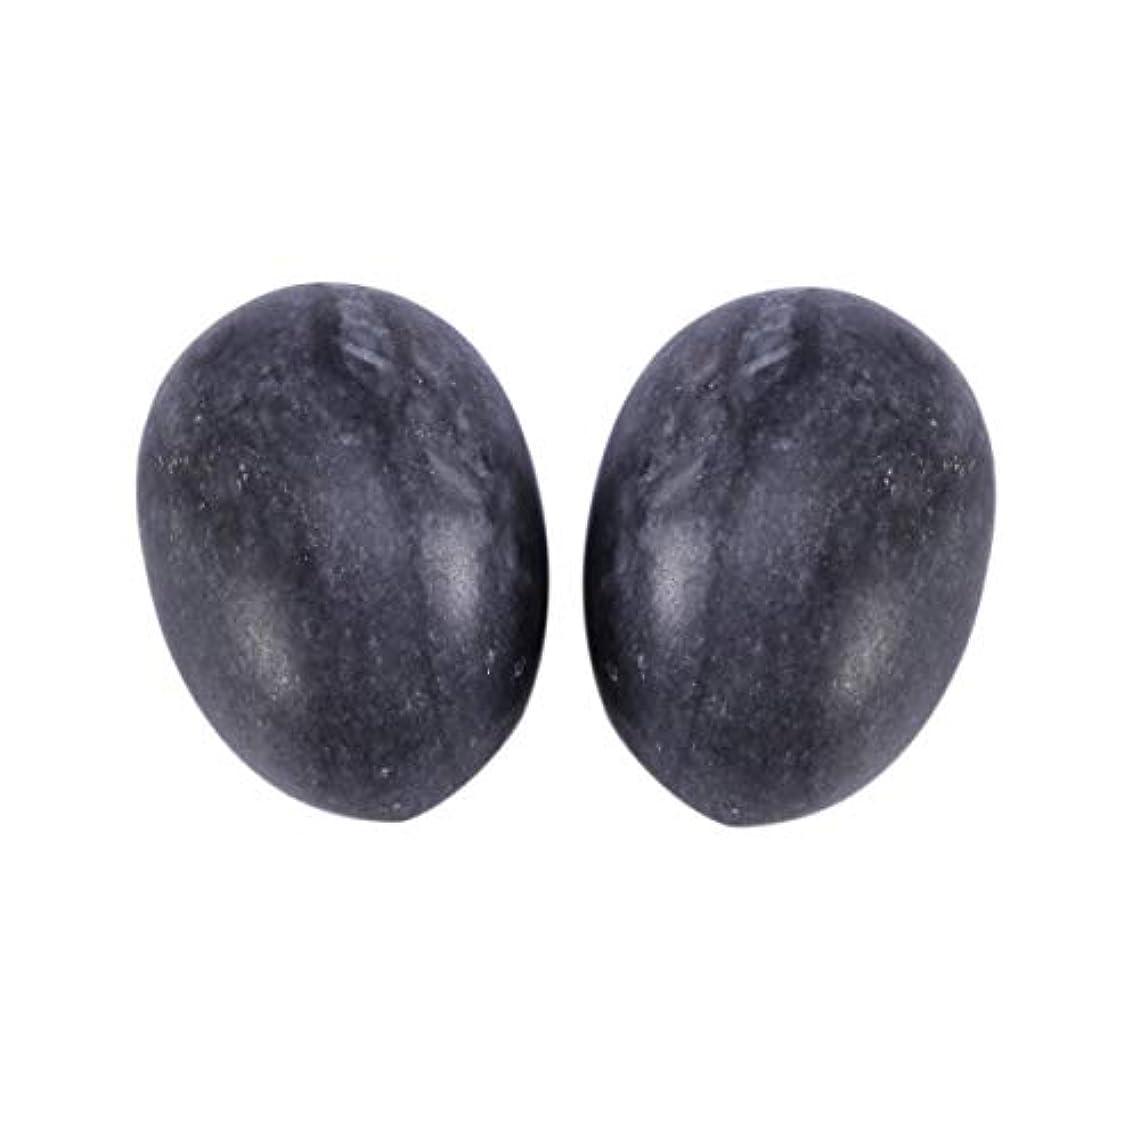 バナー訪問行くHealifty 6PCS翡翠Yoni卵マッサージ癒しの石のケゲル運動骨盤底筋運動(黒)